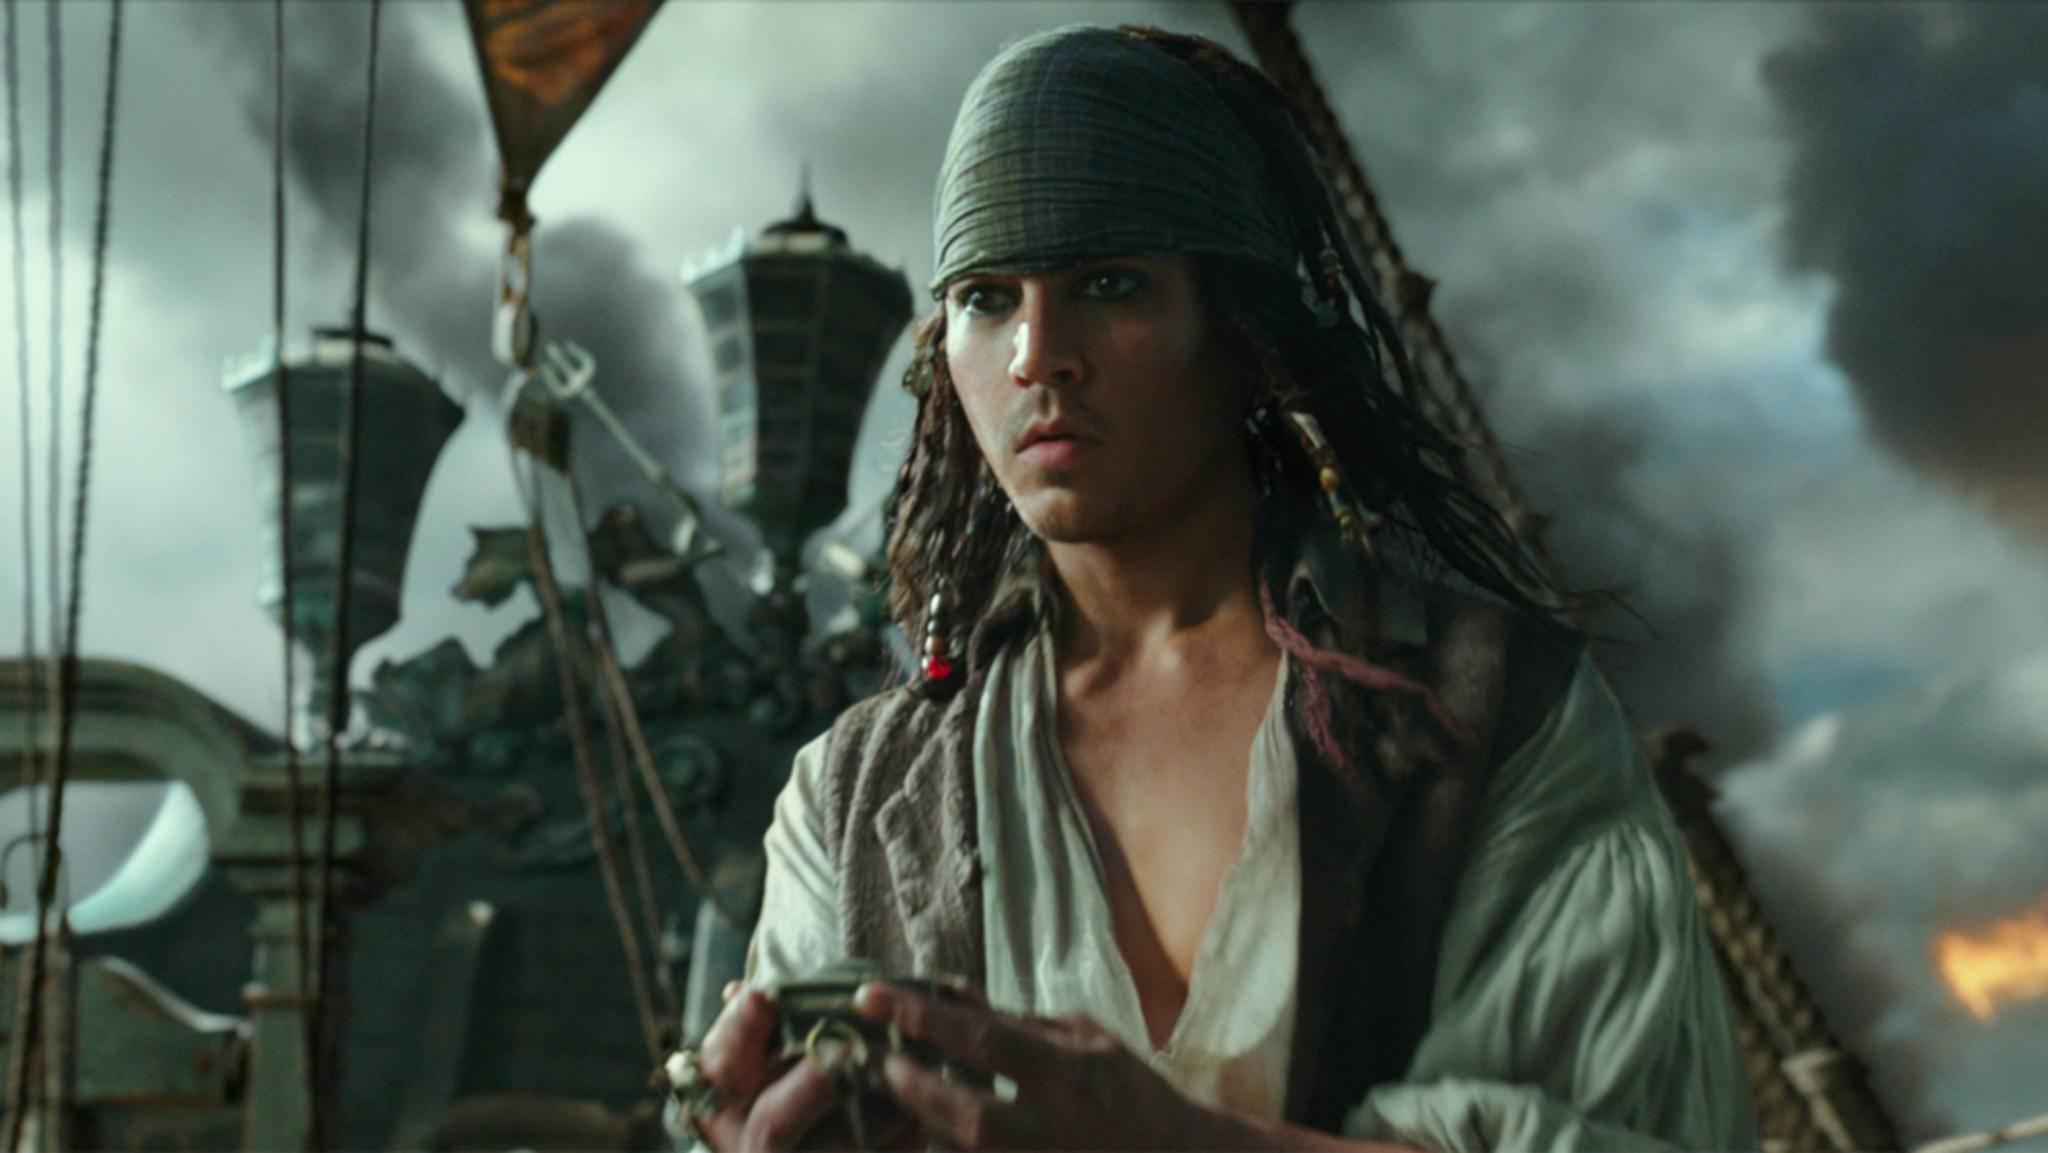 """Jugendlich wie zu Zeiten von """"21 Jump Street"""": Johnny Depp in """"Pirates of the Caribbean 5""""."""